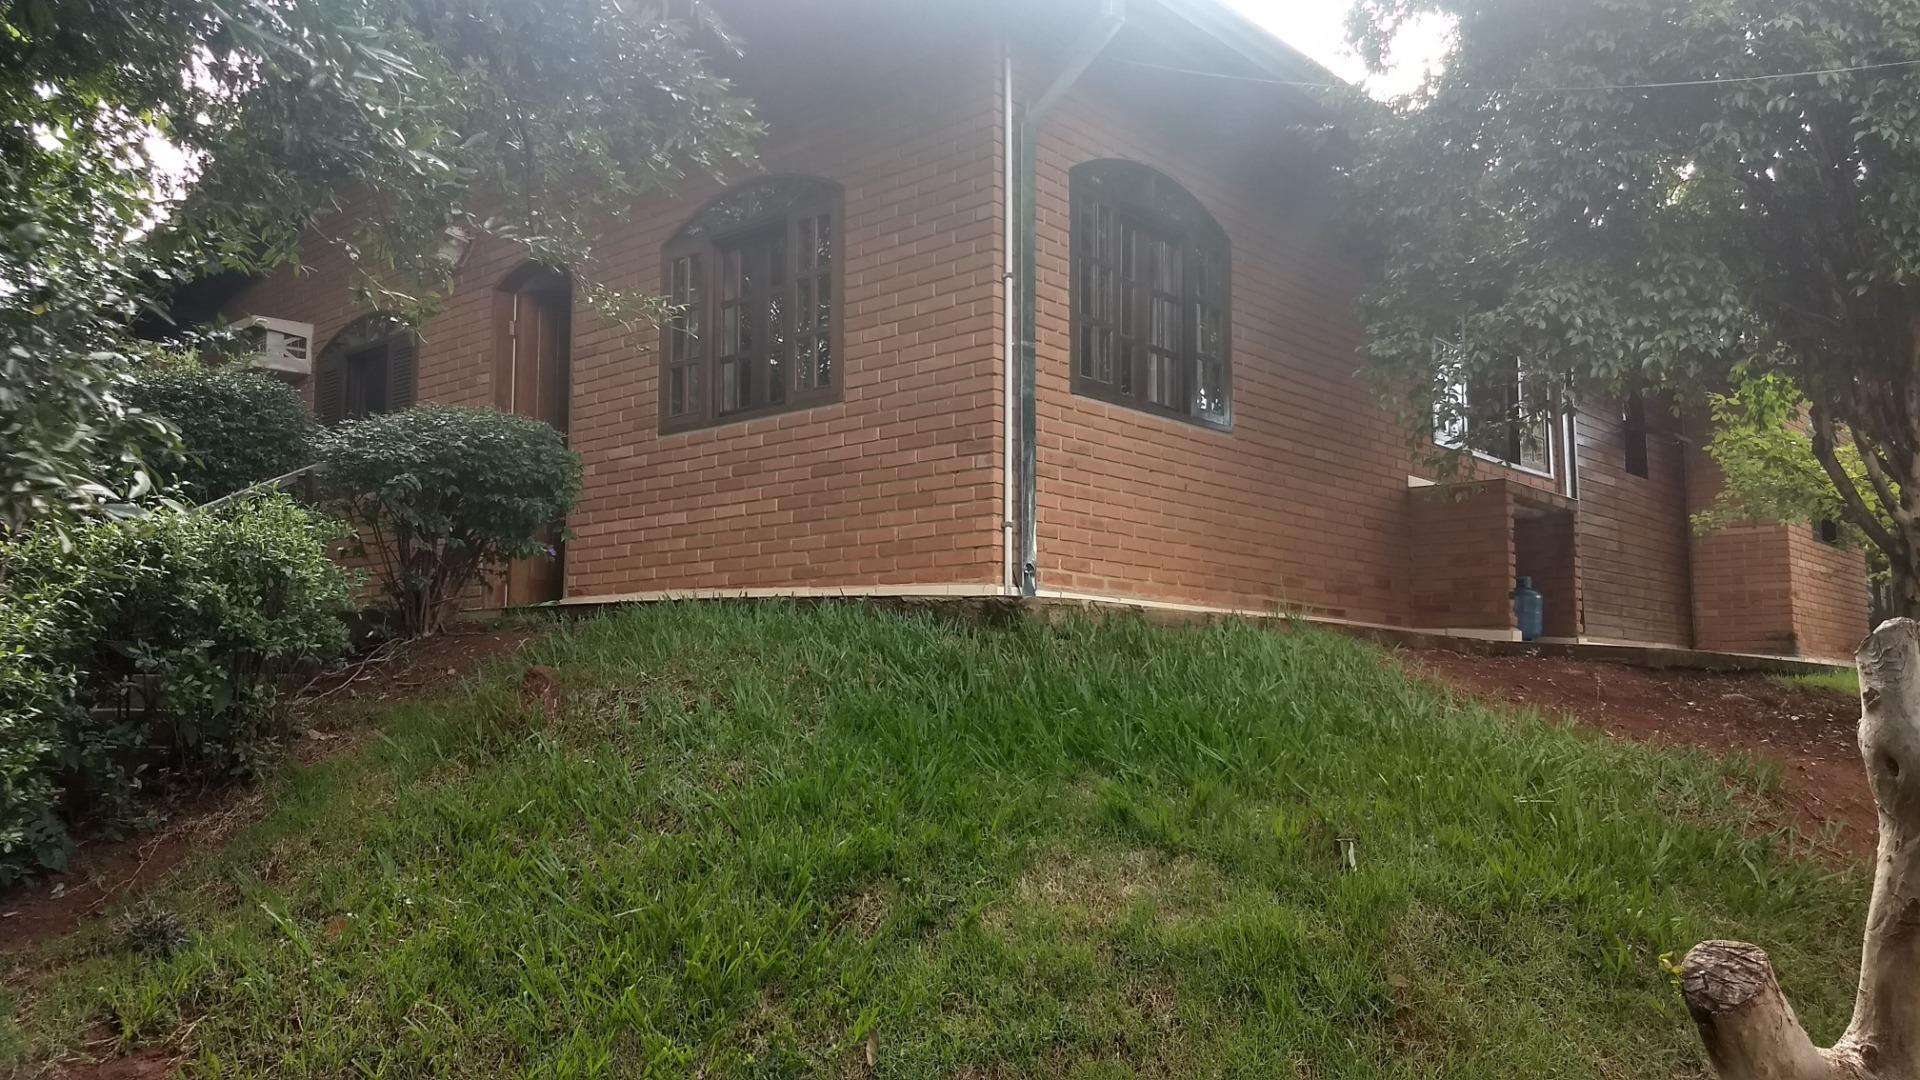 Chácara Aconchegante com 2 Casas à venda, 1000 m² por R$ 586.000 - Balneario Tropical - Paulínia/SP